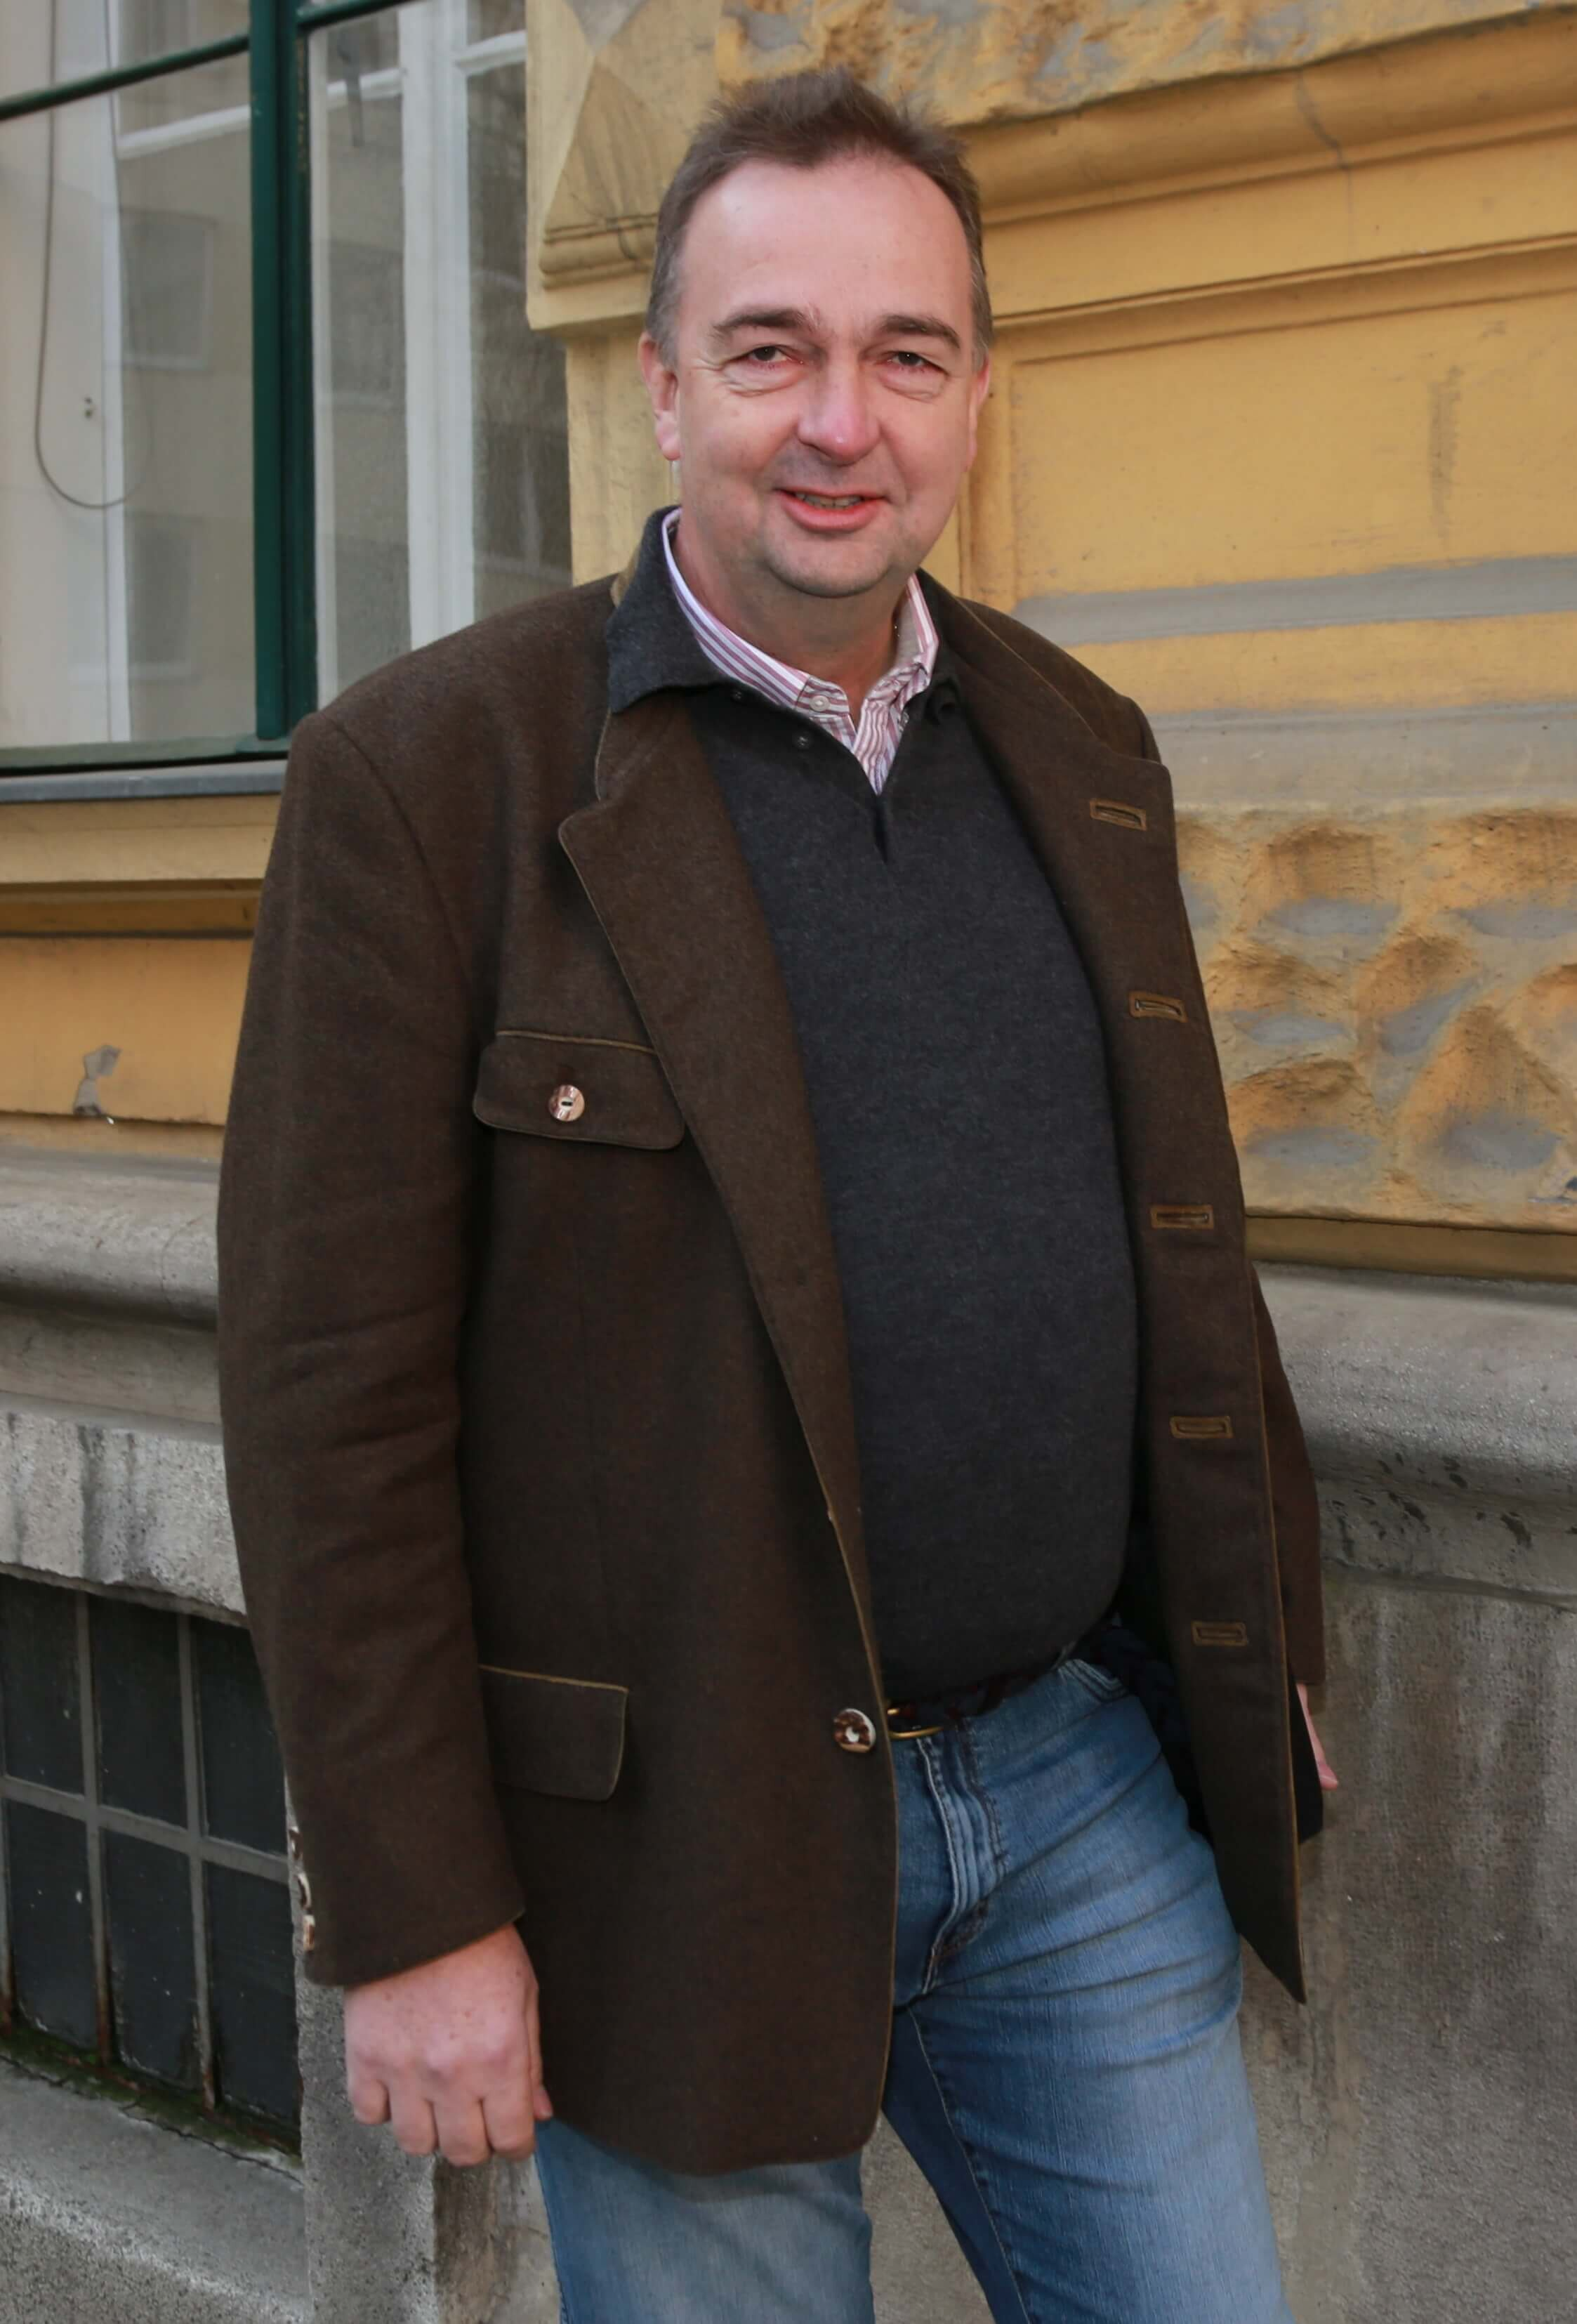 Karl von Habsburg ist ein Enkel von Karl I., dem letzten Kaiser von Österreich und König von Ungarn. Auch er ist am Coronavirus erkrankt.  © picture alliance/APA/picturedesk.com